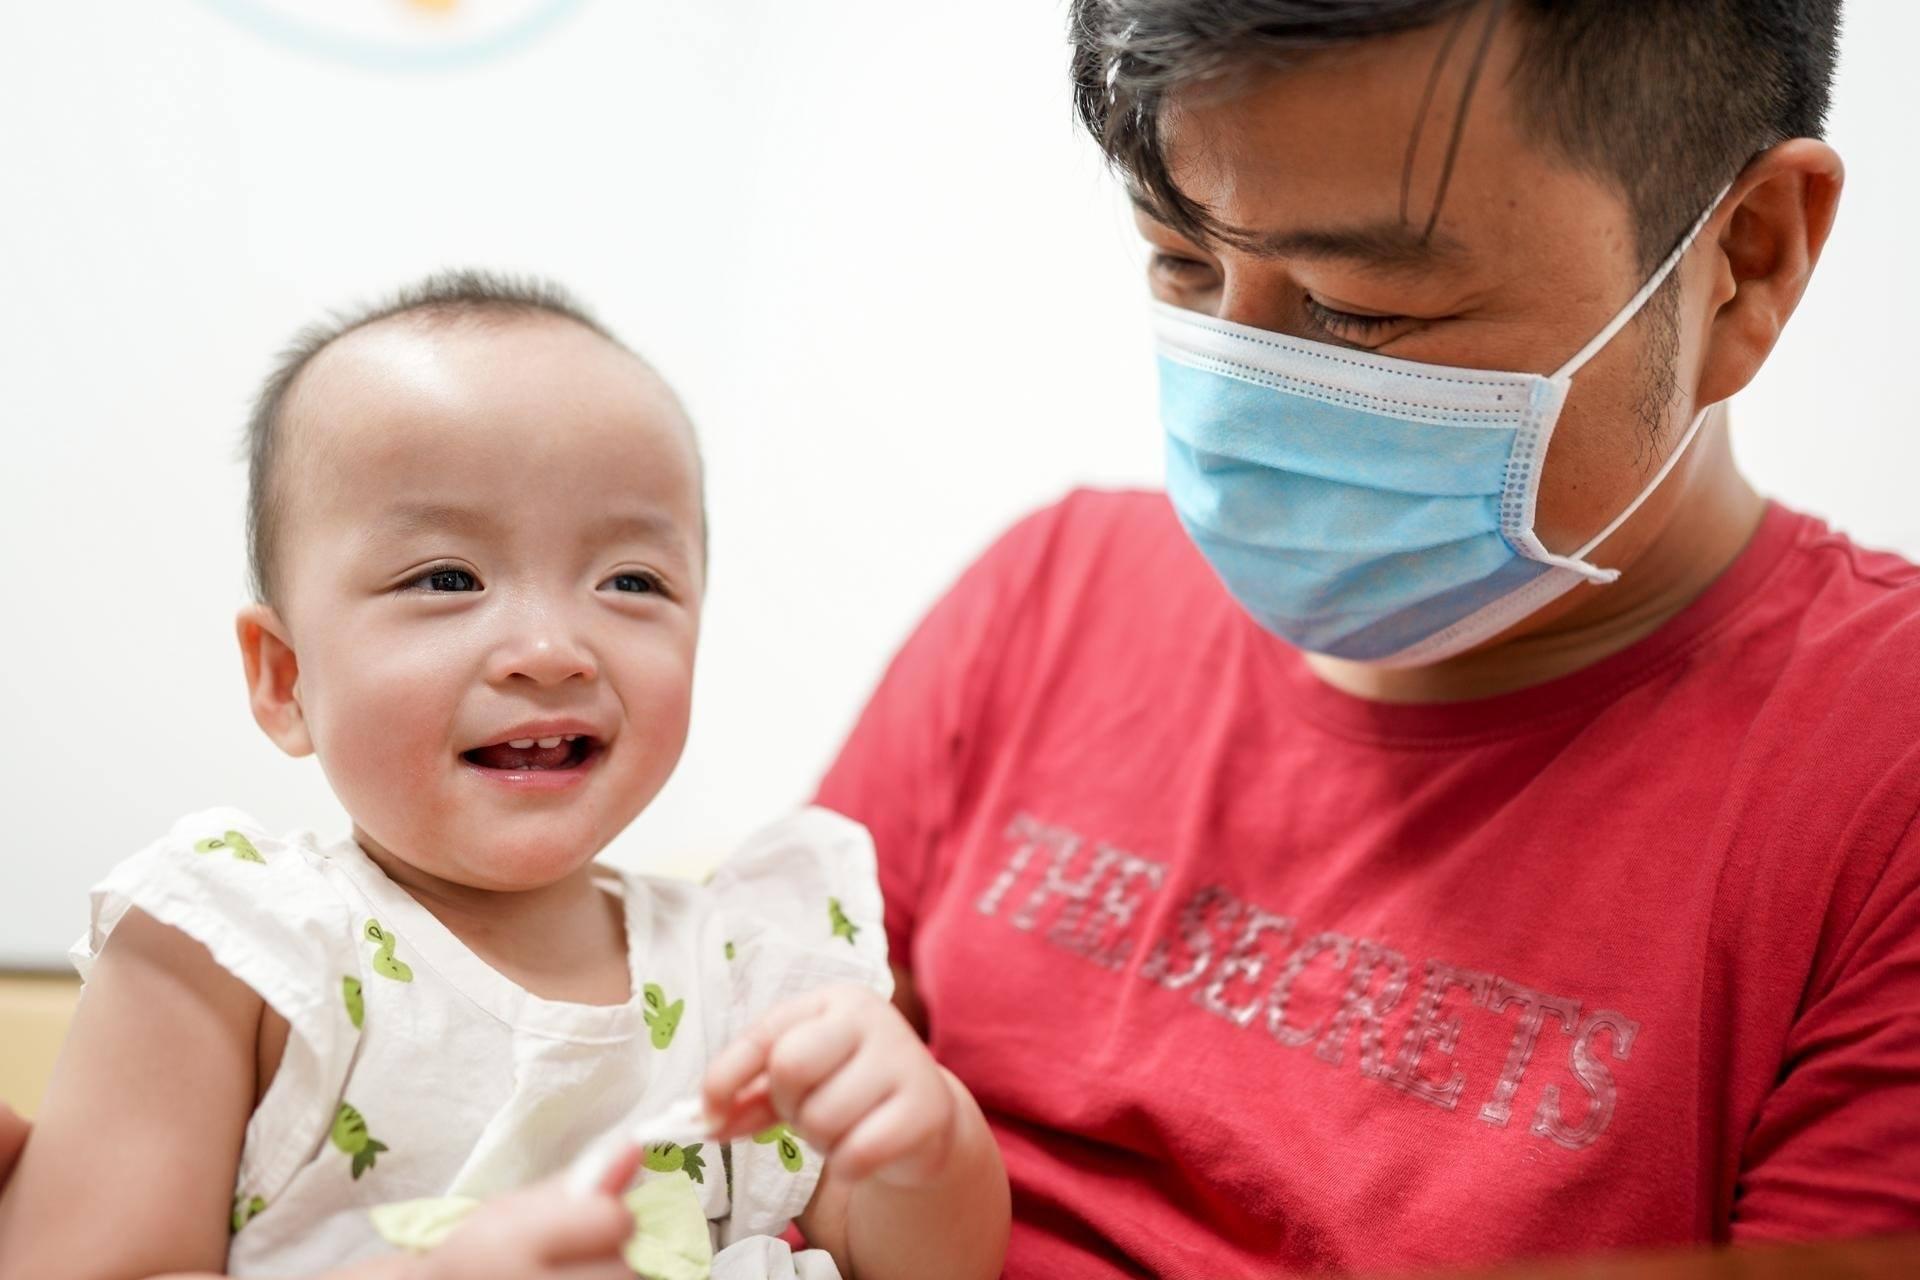 Sức khỏe của hai chị em tiến triển ổn định, đã được tiêm ngừa các mũi cơ bản để sẵn sàng trở về nhà